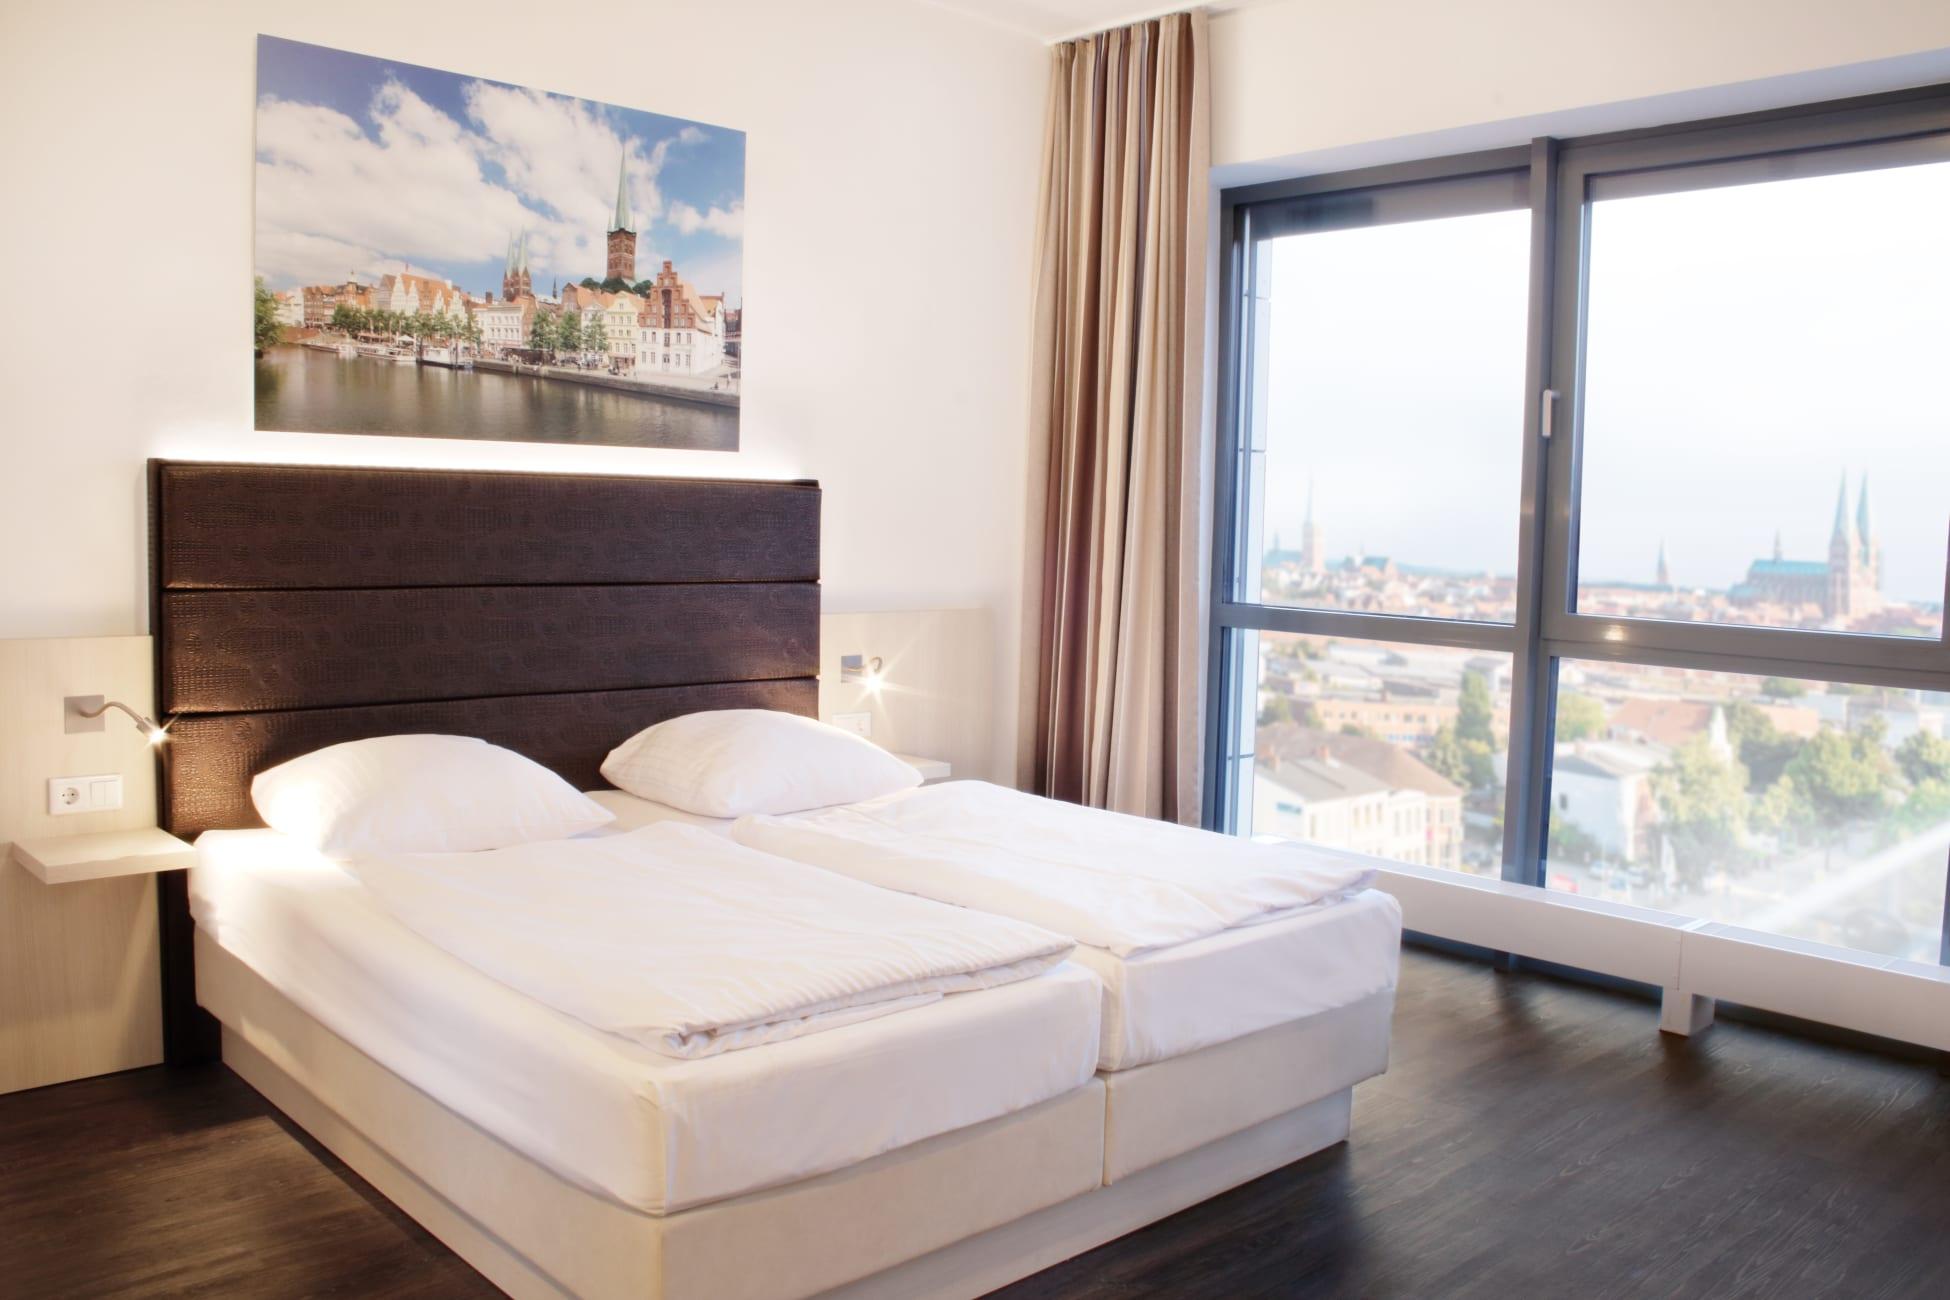 Hotel In Lubeck Viva Hotel By Vier Jahreszeiten Trivago De